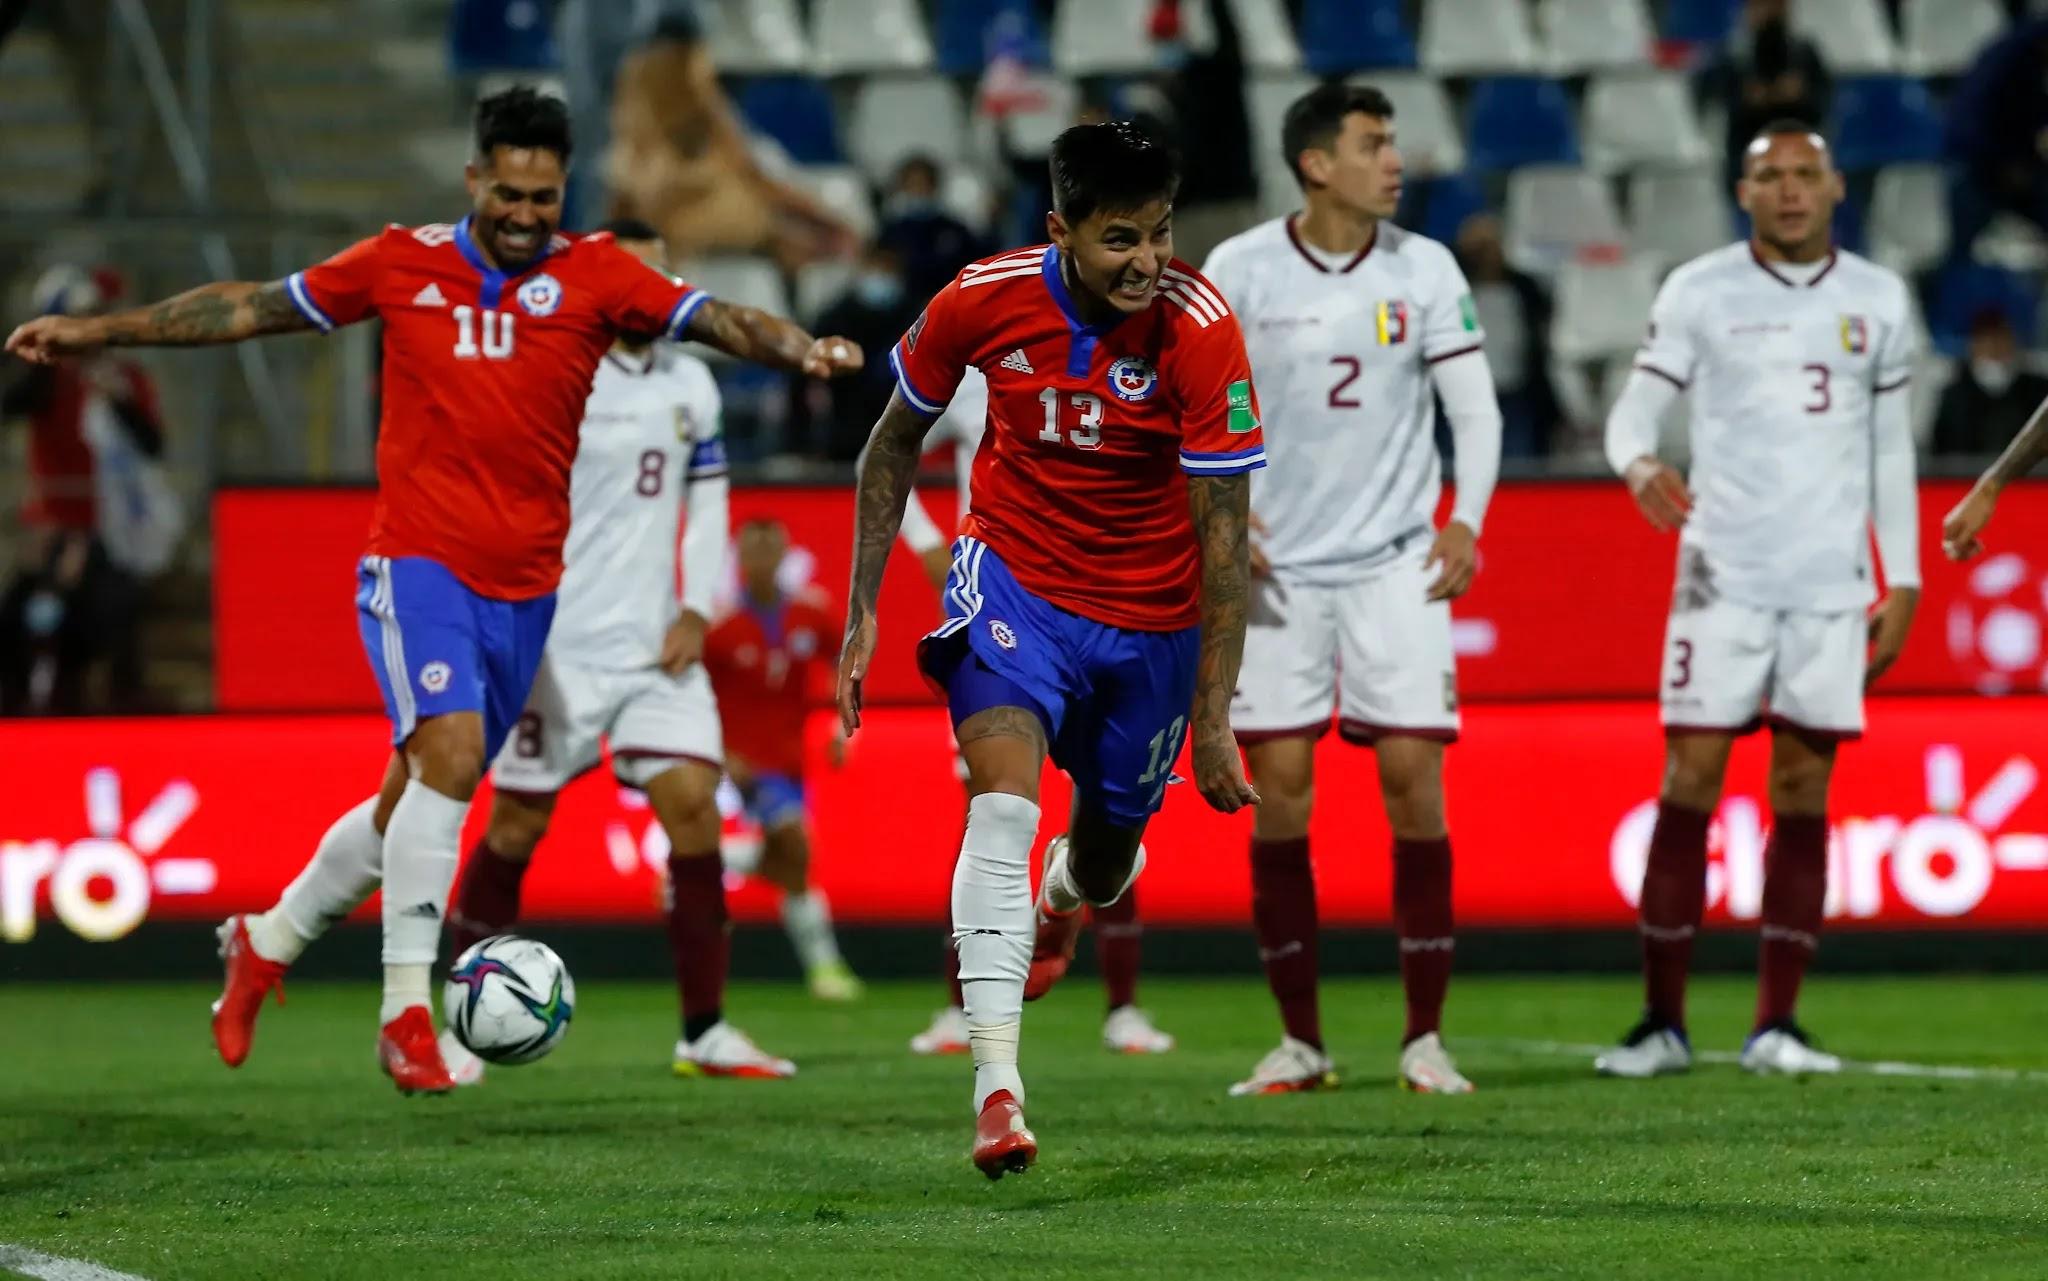 Chile y Venezuela en Clasificatorias a Catar 2022, 14 de octubre de 2021